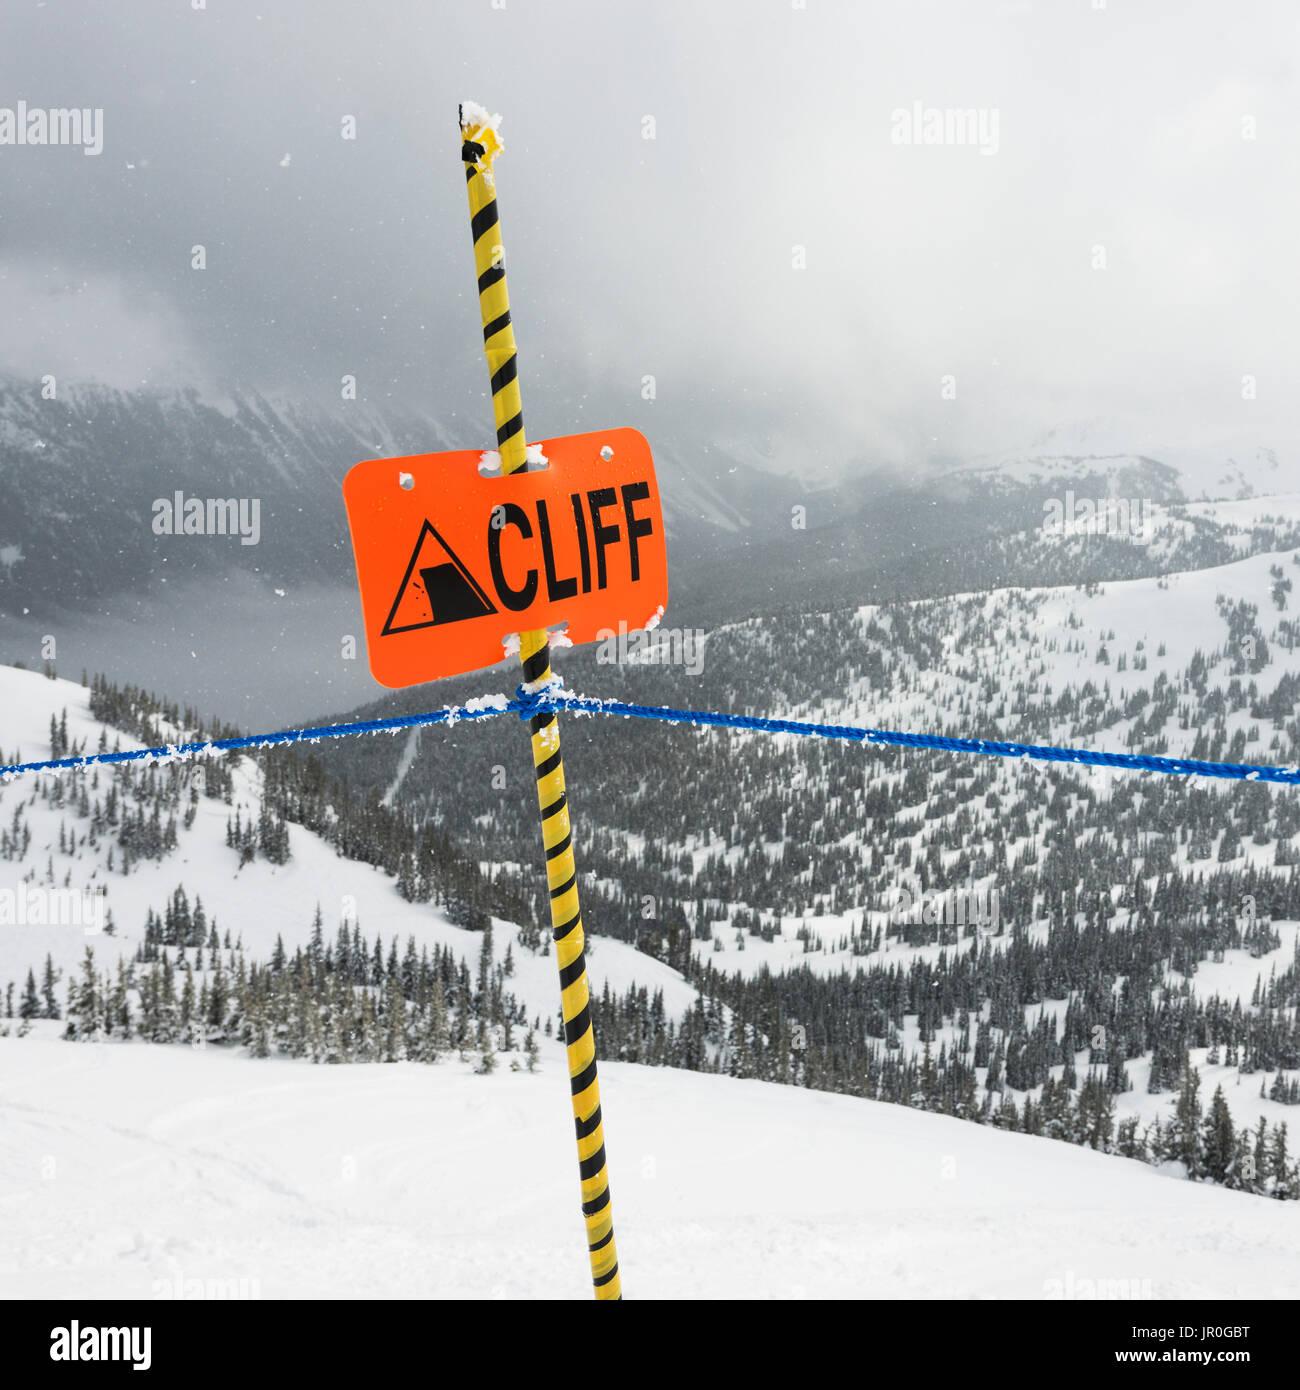 Ein Warnschild an einem Skigebiet Warnung vor einer Klippe; Whistler, Britisch-Kolumbien, Kanada Stockbild